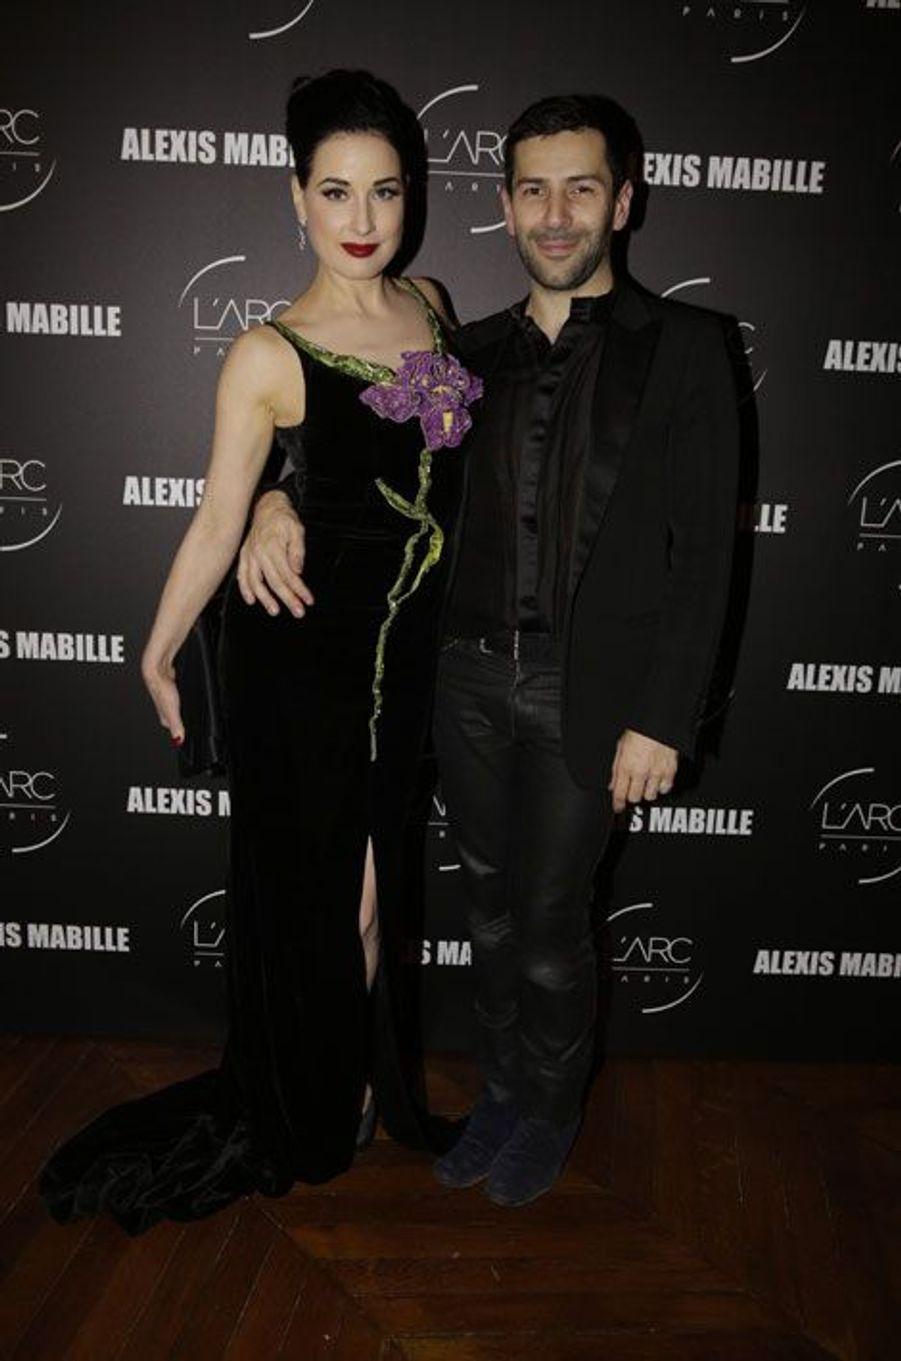 La pin-up Dita Von Teese avec le créateur français Alexis Mabille pour les 10 ans de sa griffe, à Paris, le 26 janvier 2015